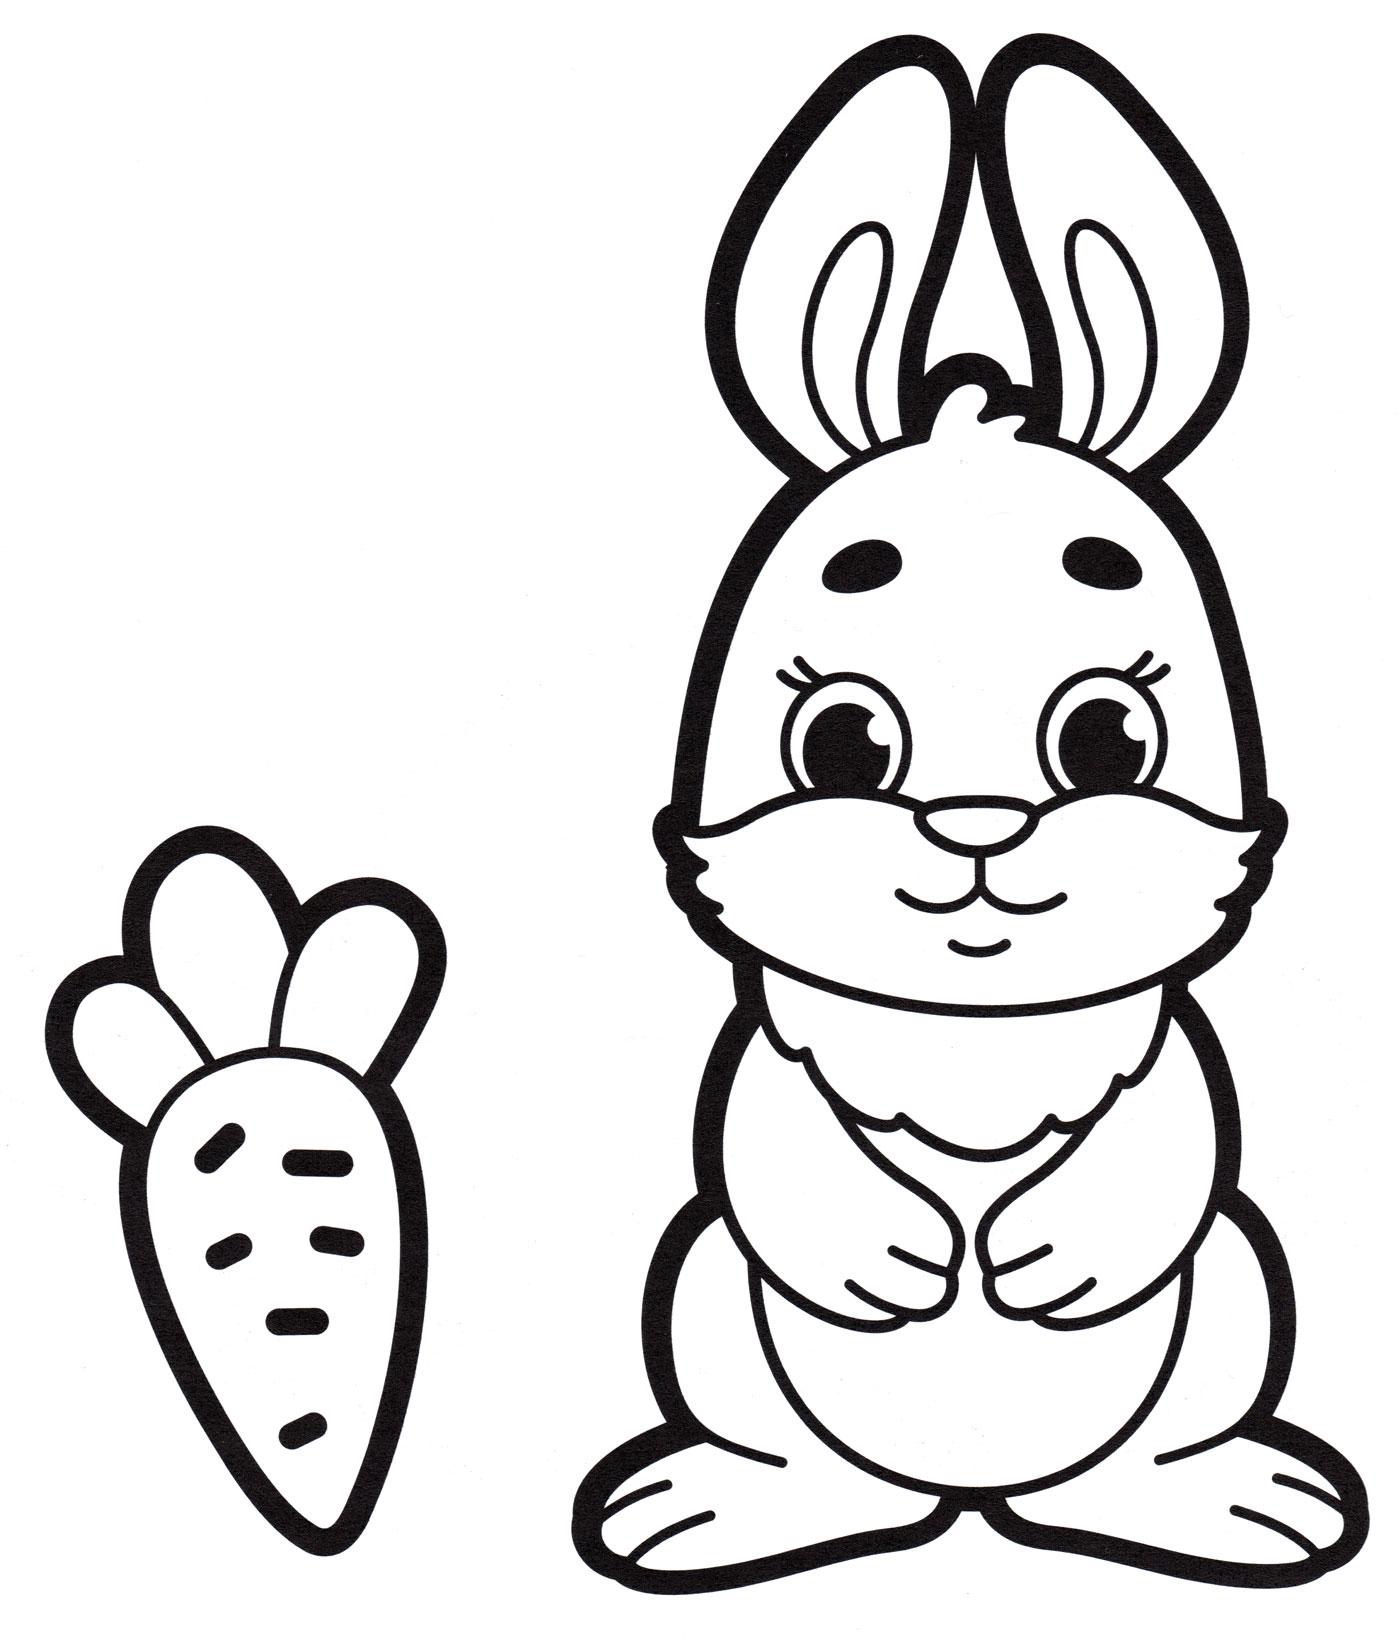 Раскраска Кролик и морковка, распечатать бесплатно или скачать